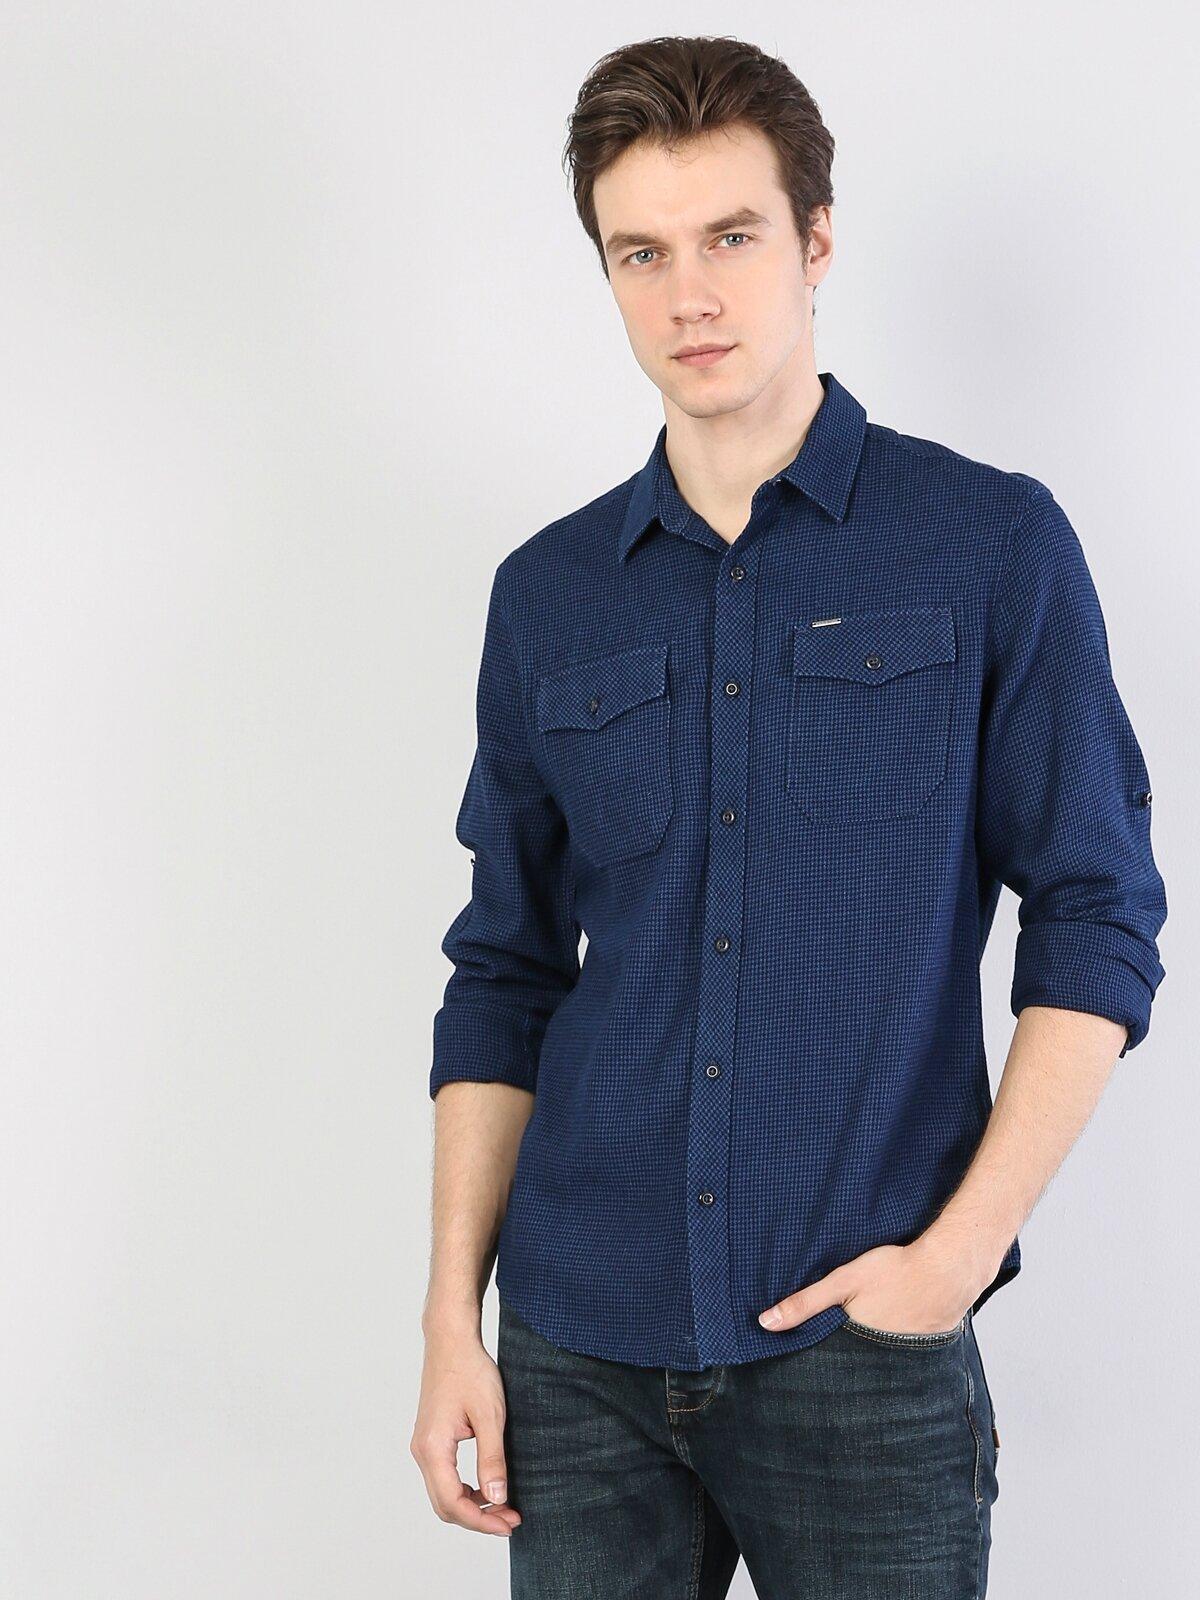 Kol Katlamalı Klasik Yaka Koyu Mavi Uzun Kol Gömlek